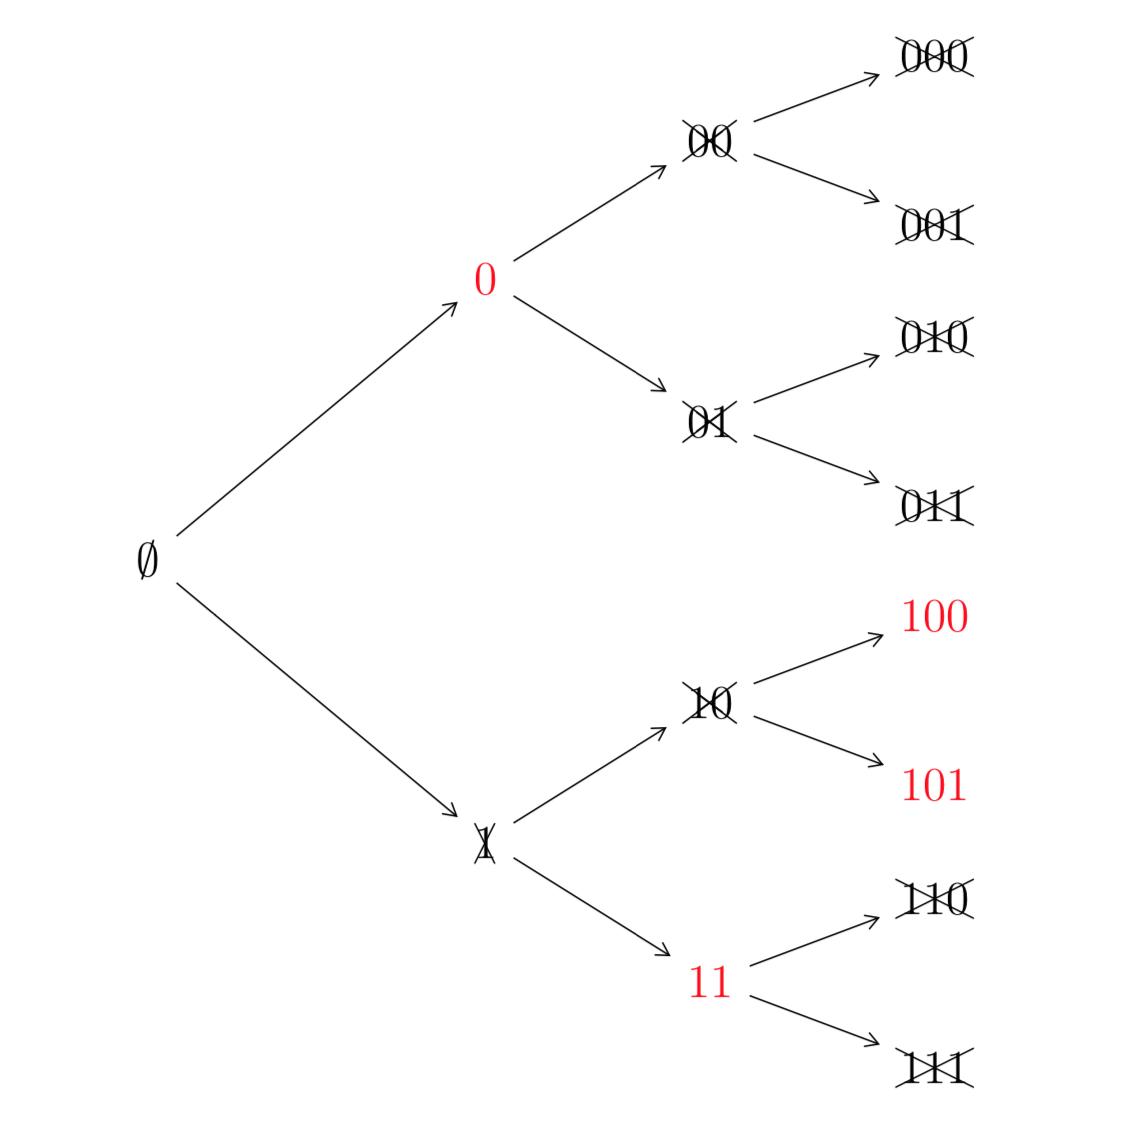 Albero di un codice a prefisso